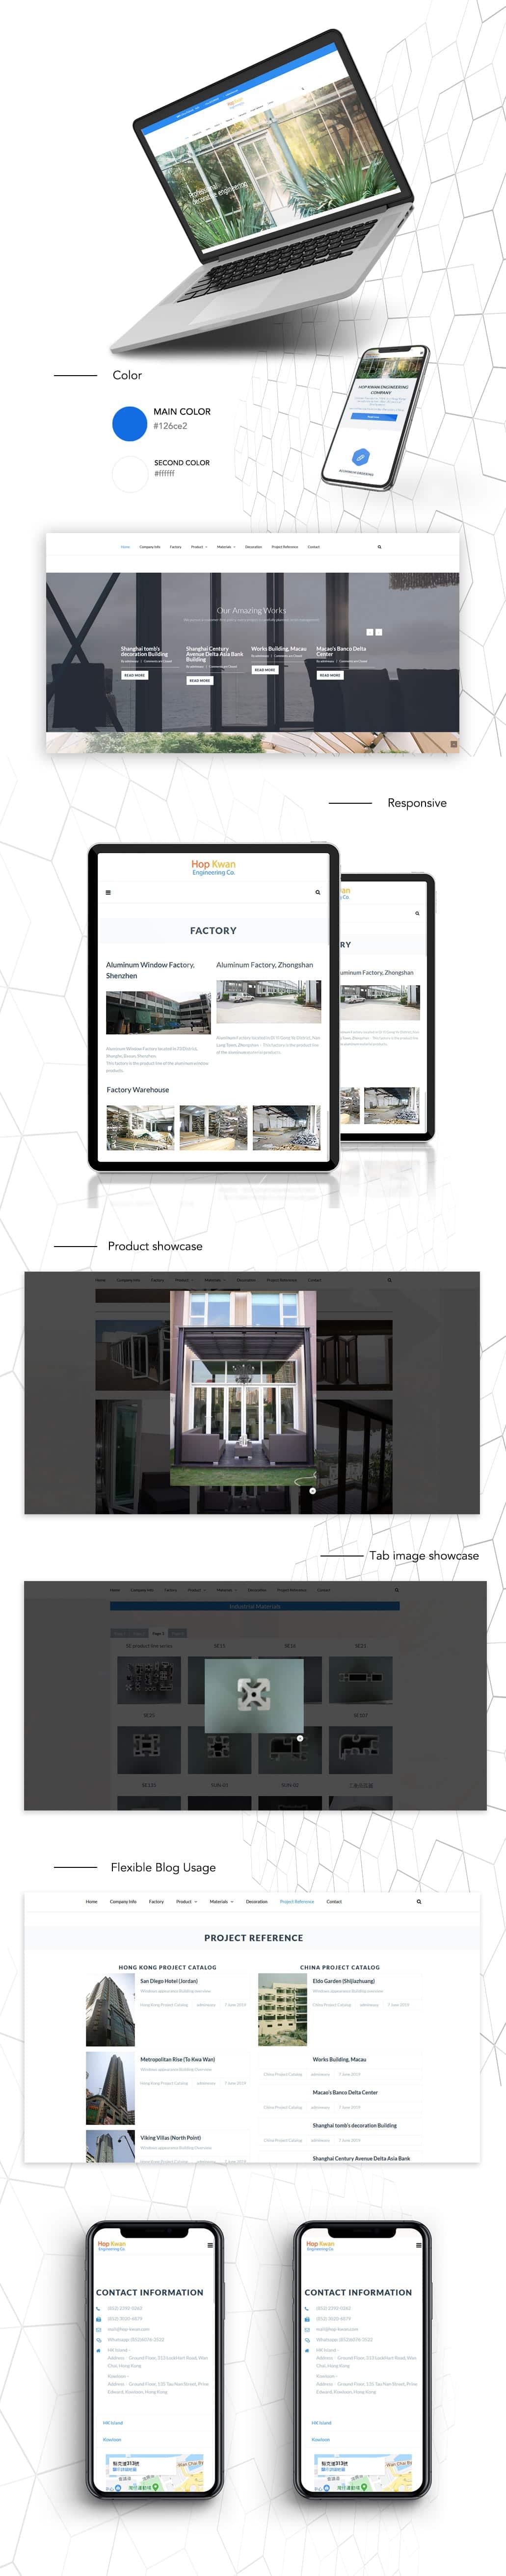 香港工程網頁